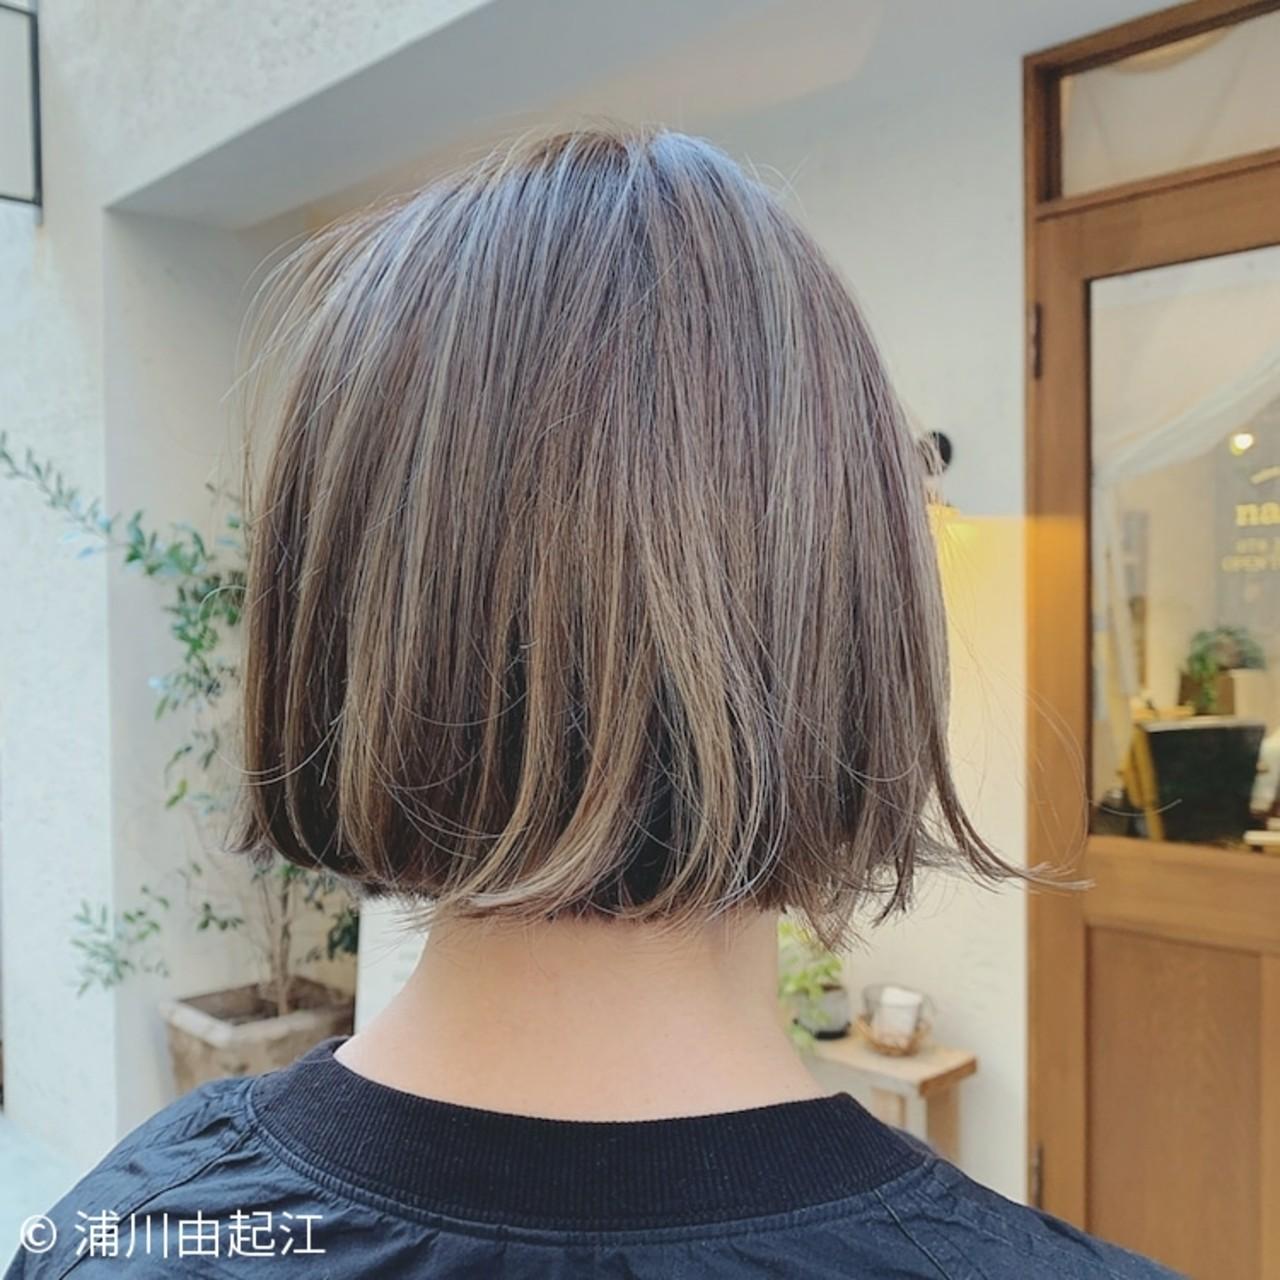 デート ナチュラル 秋冬ショート ボブ ヘアスタイルや髪型の写真・画像